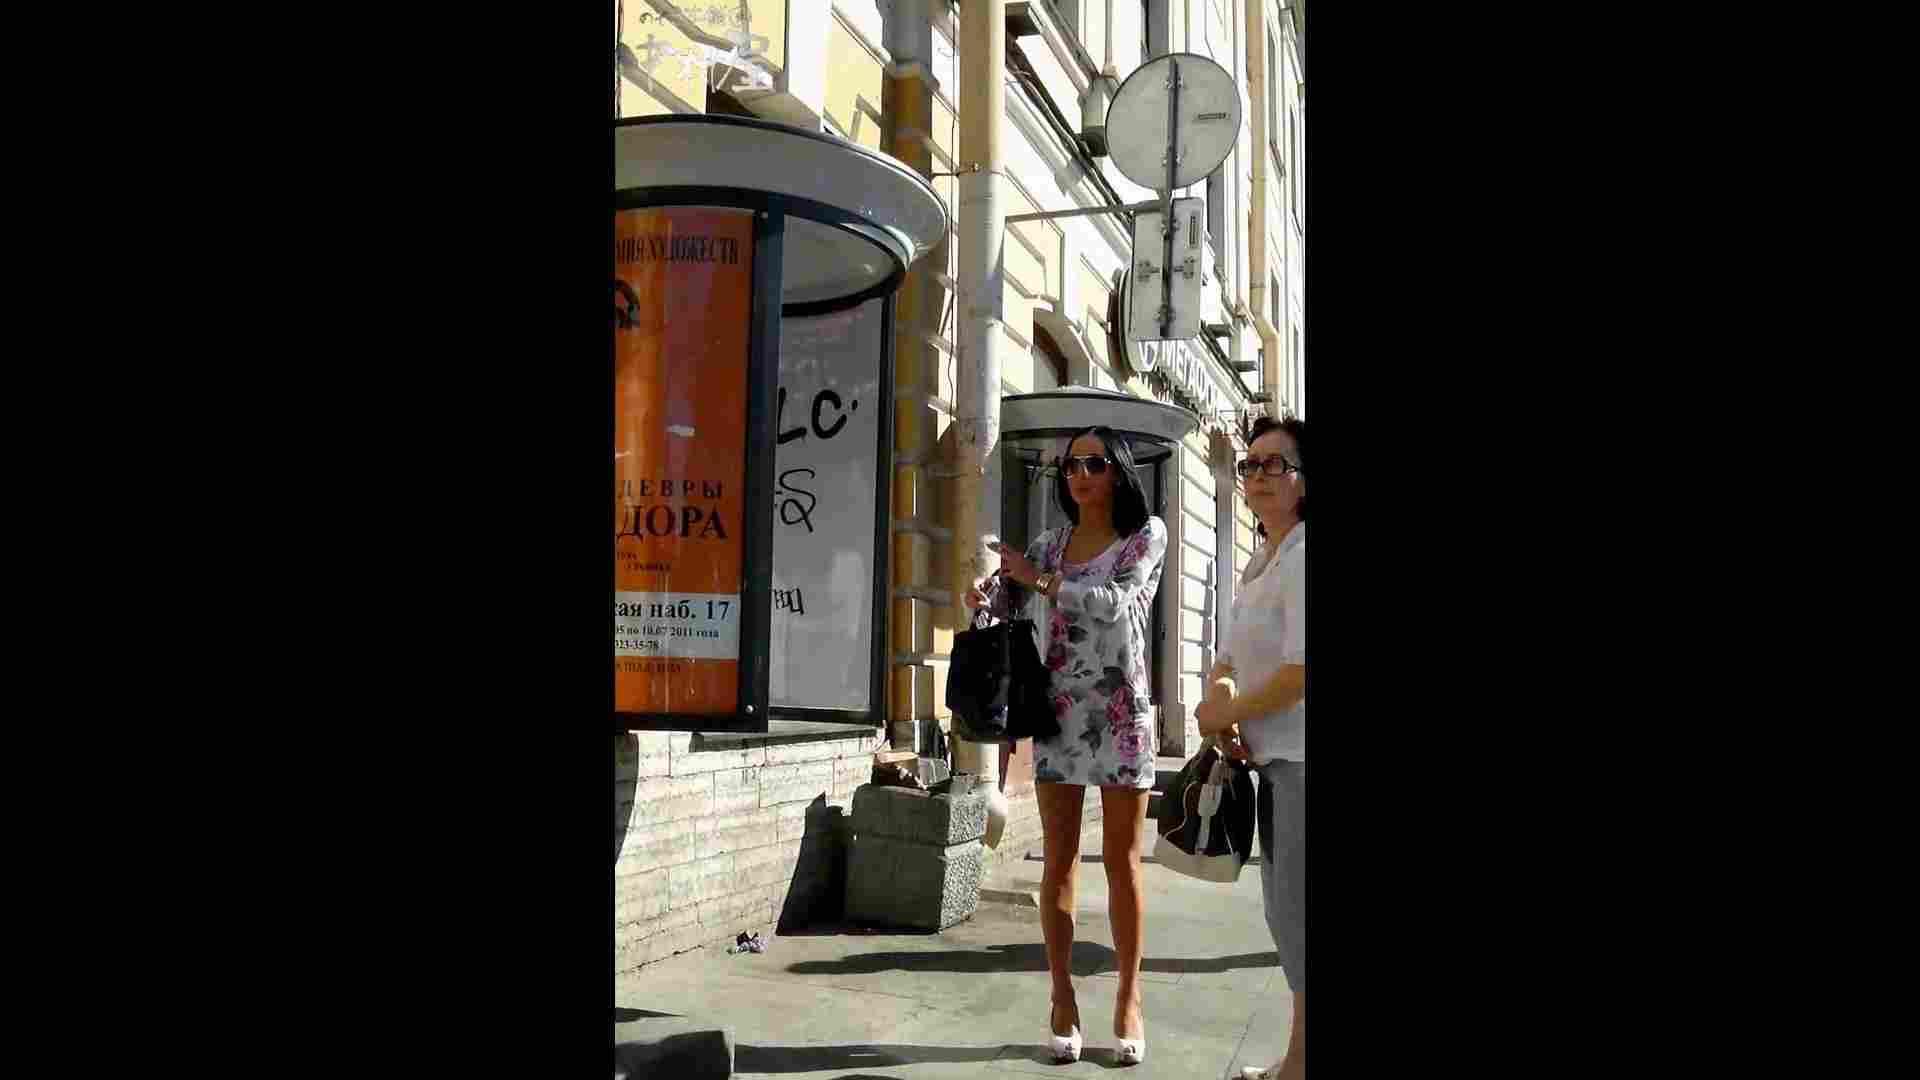 綺麗なモデルさんのスカート捲っちゃおう‼ vol18 お姉さんヌード | OLセックス  81画像 3